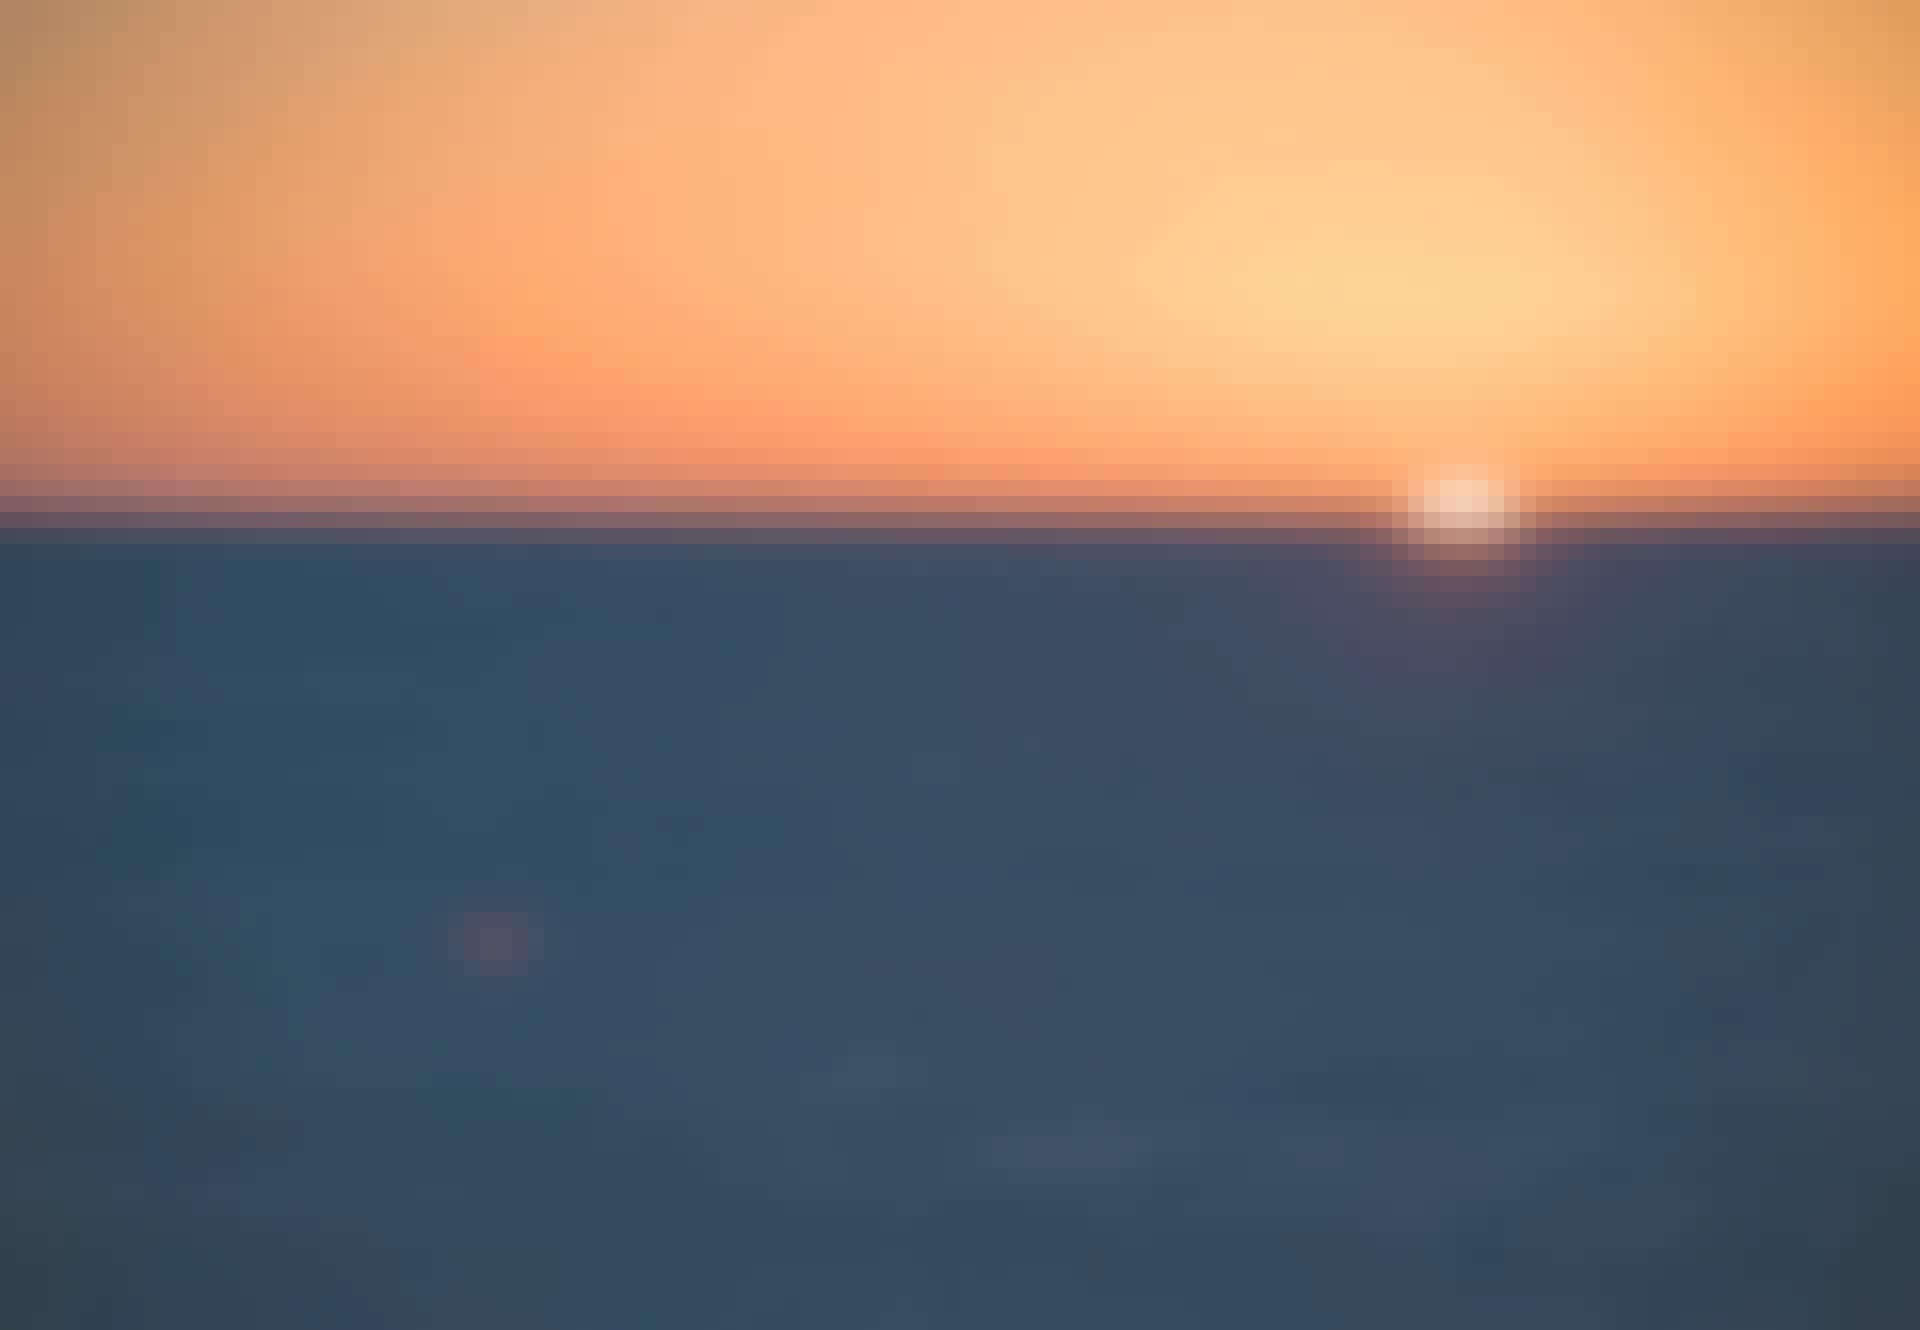 Vintersolstånd